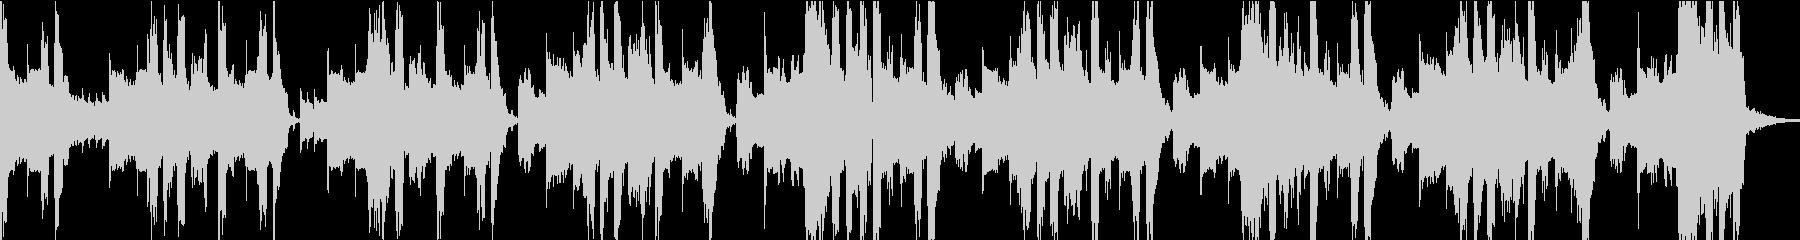 攻撃的なダブステップジングルの未再生の波形